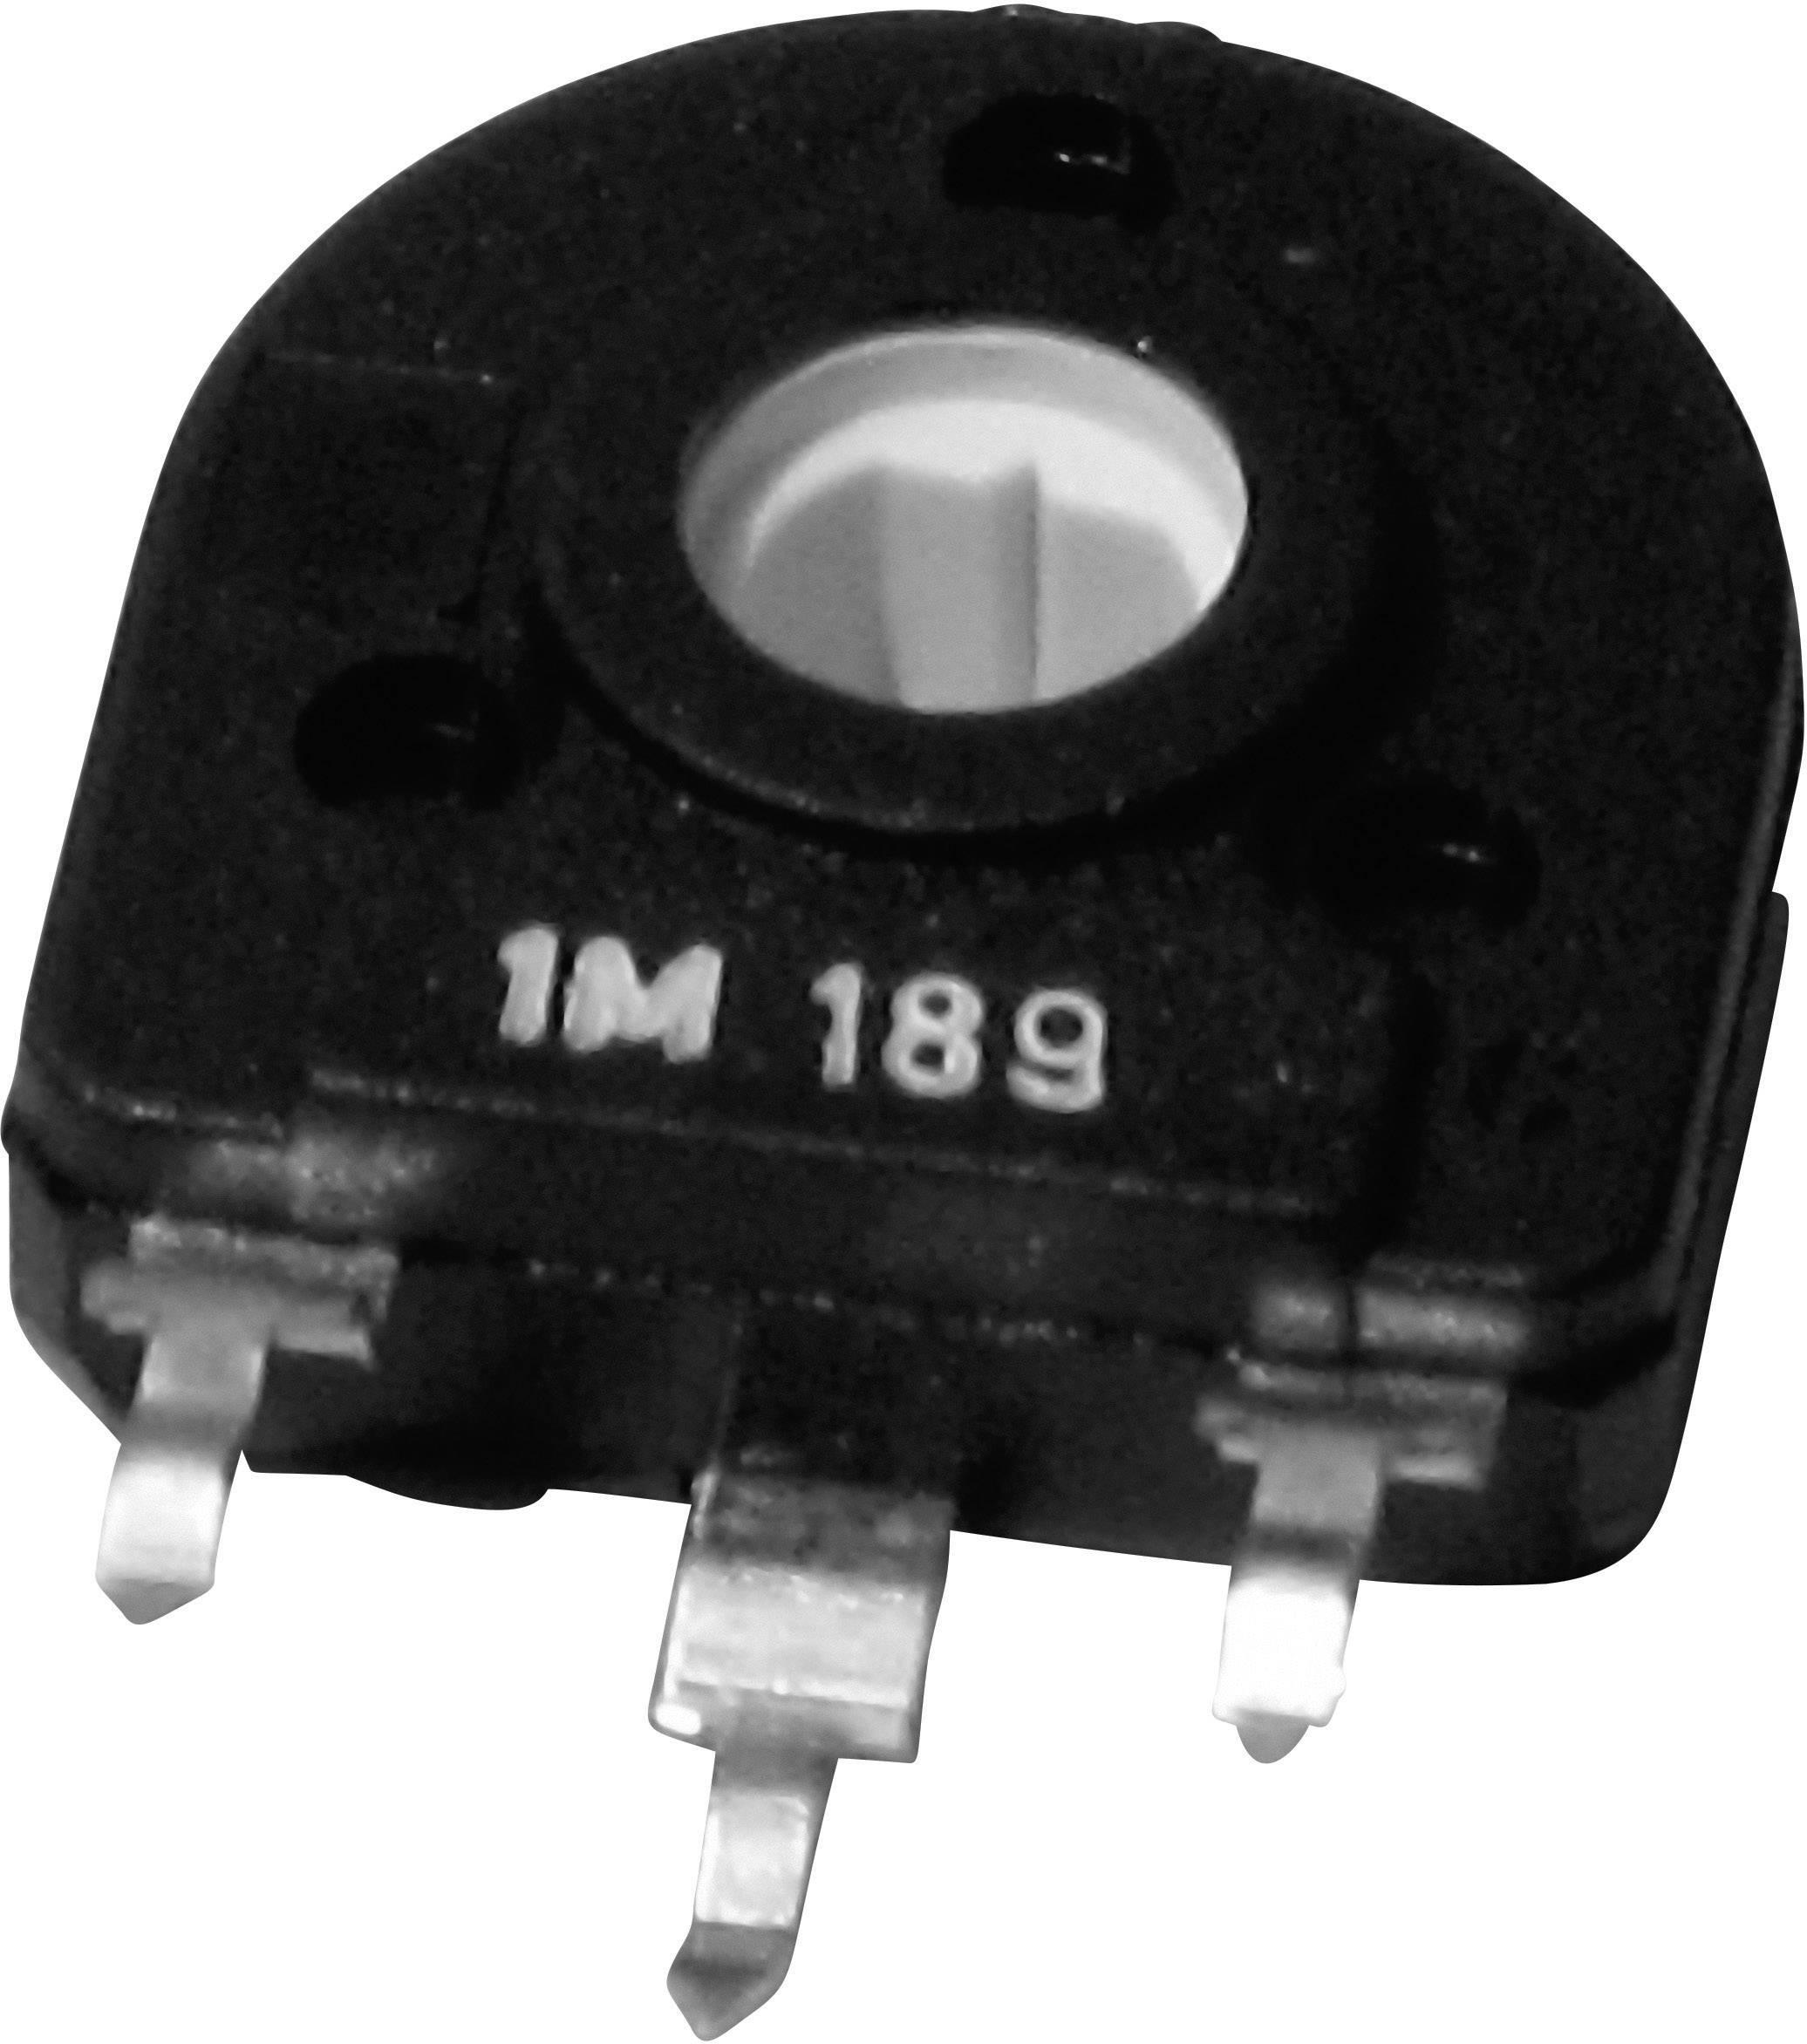 Uhlíkový trimer TT Electronics AB 1551020, lineárny, 1 kOhm, 0.25 W, 1 ks